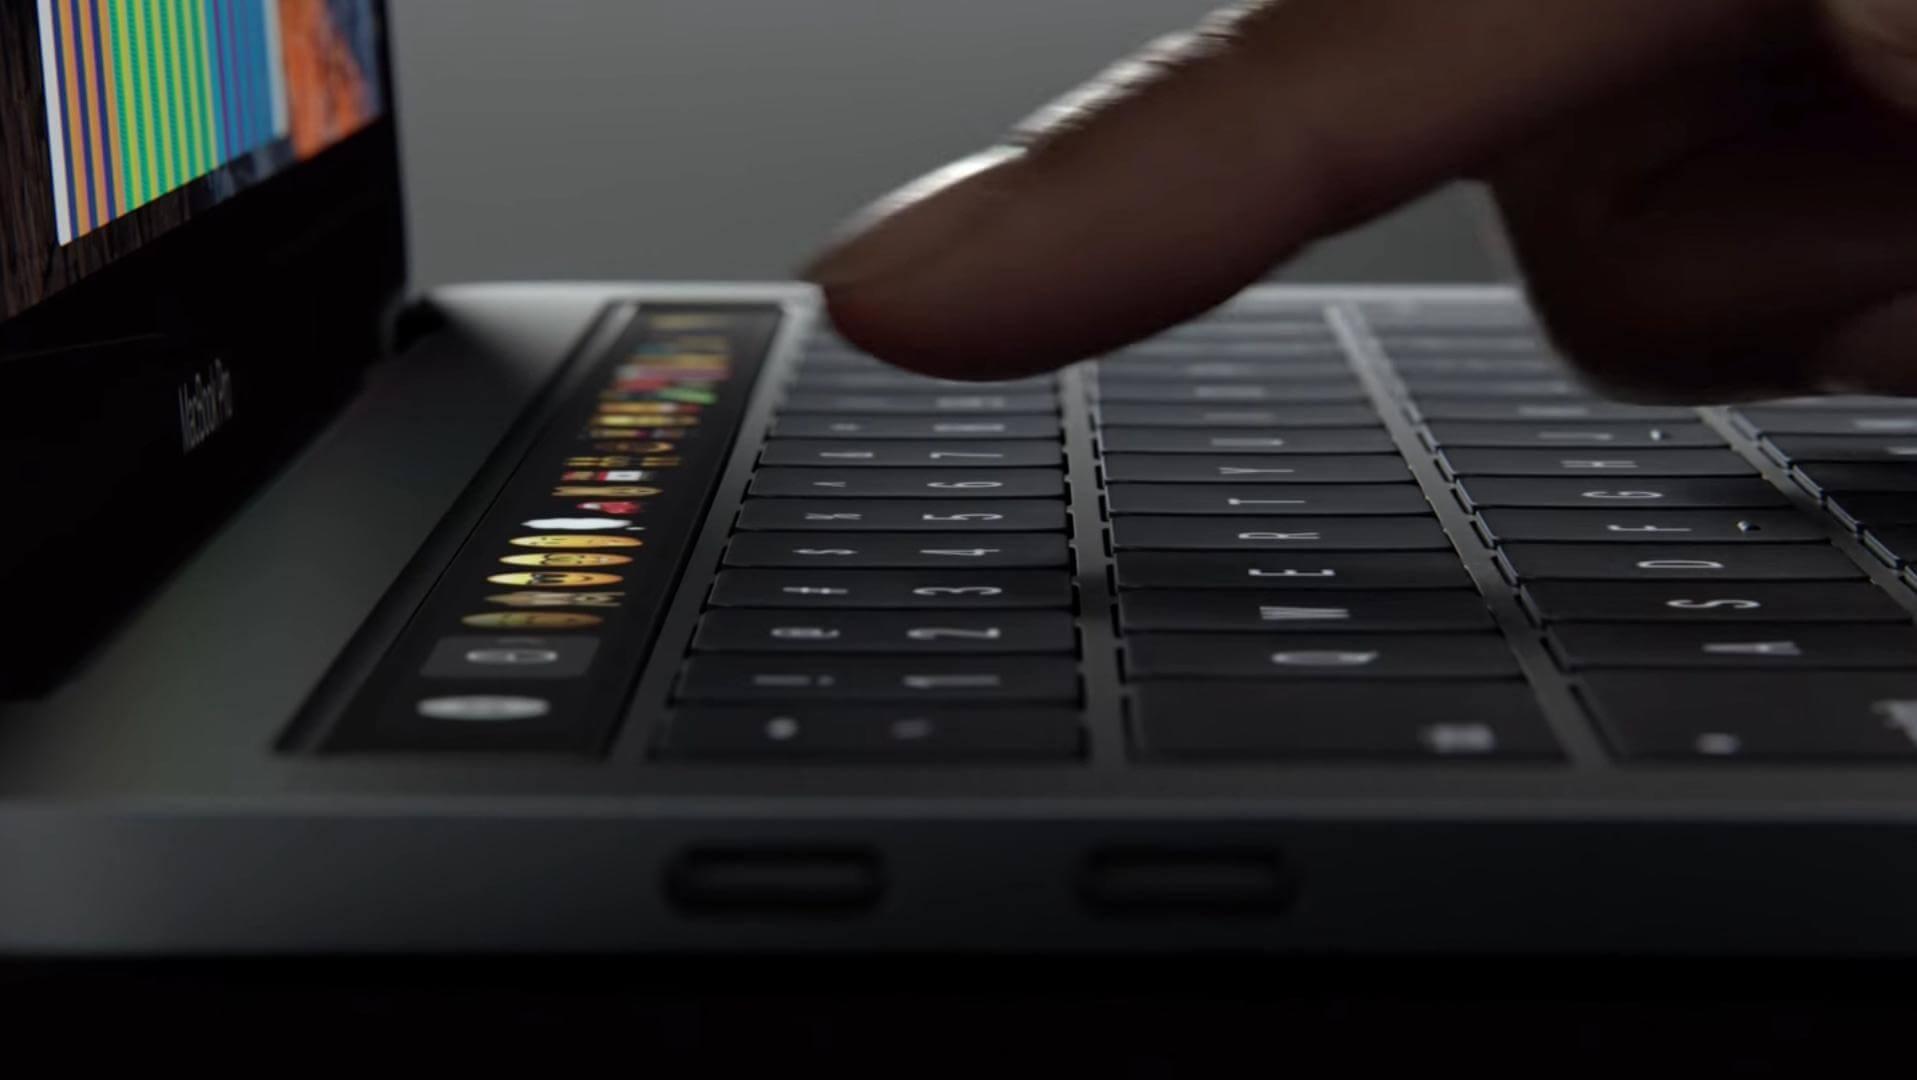 Documentos indicam que Apple vai lançar novos Macs e iPad na WWDC 2017